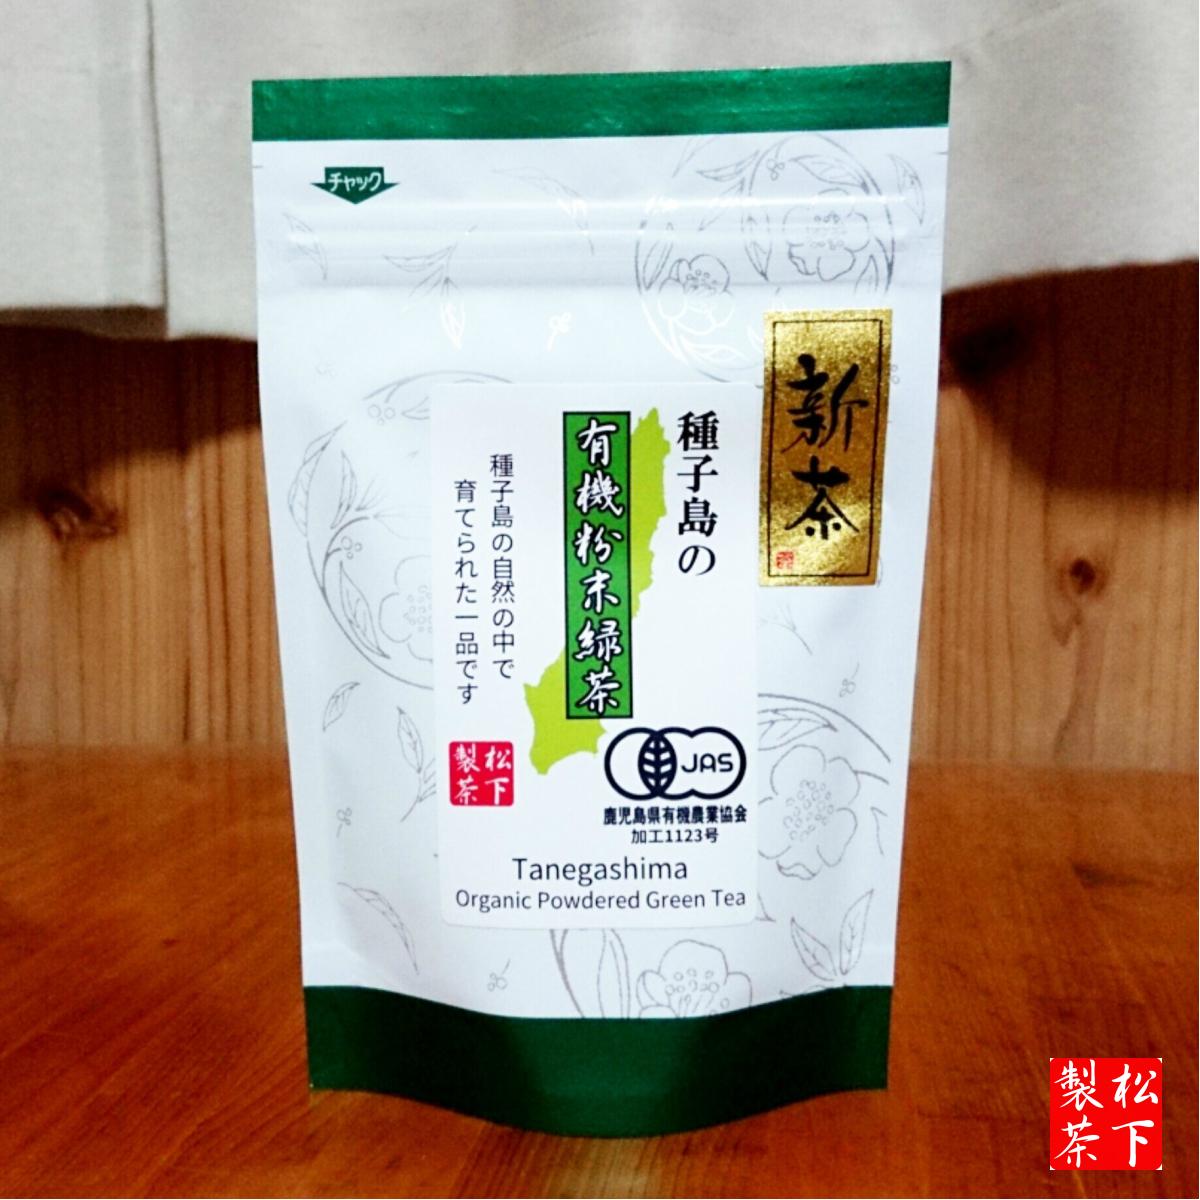 種子島の有機粉末緑茶 70g 松下製茶